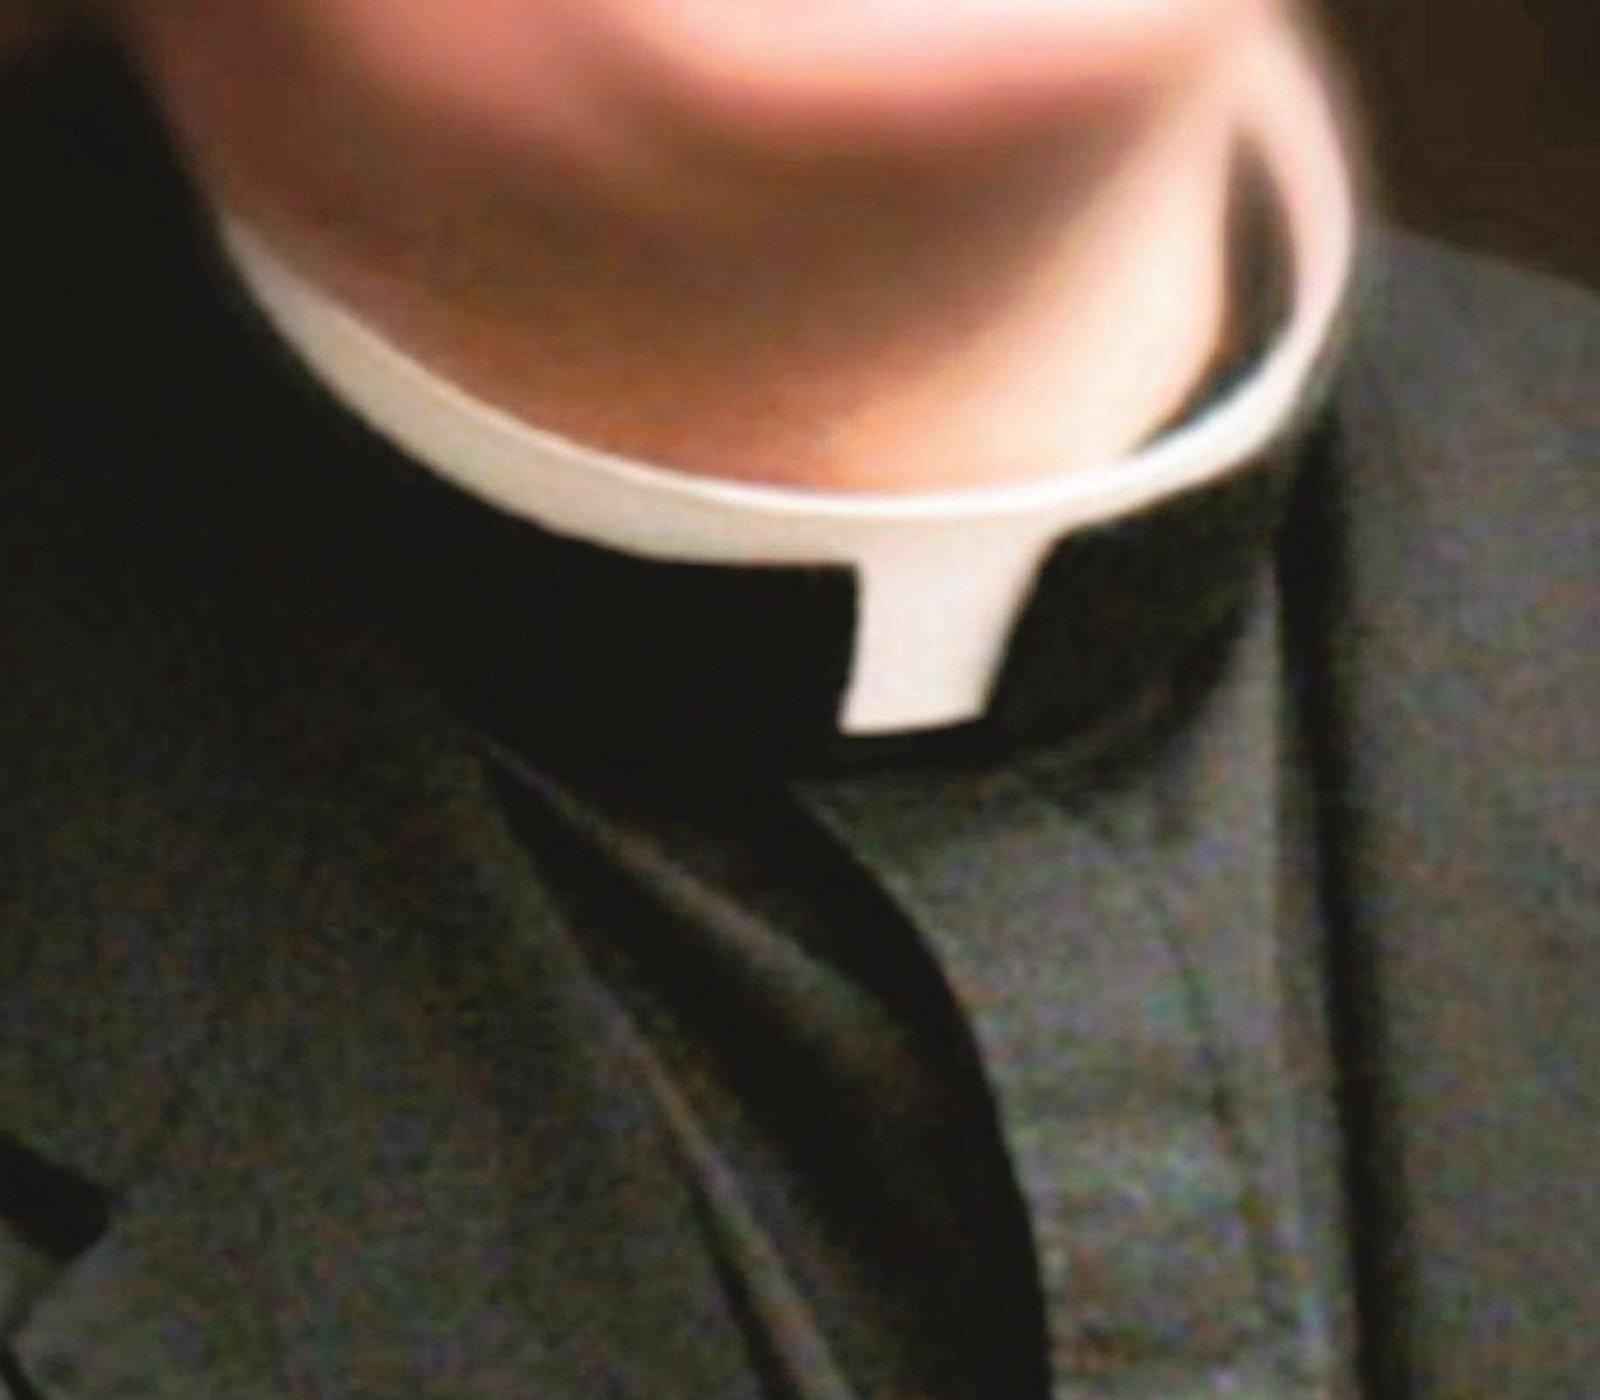 Estorsione a luci rosse al parroco. Disposta perizia sui telefoni